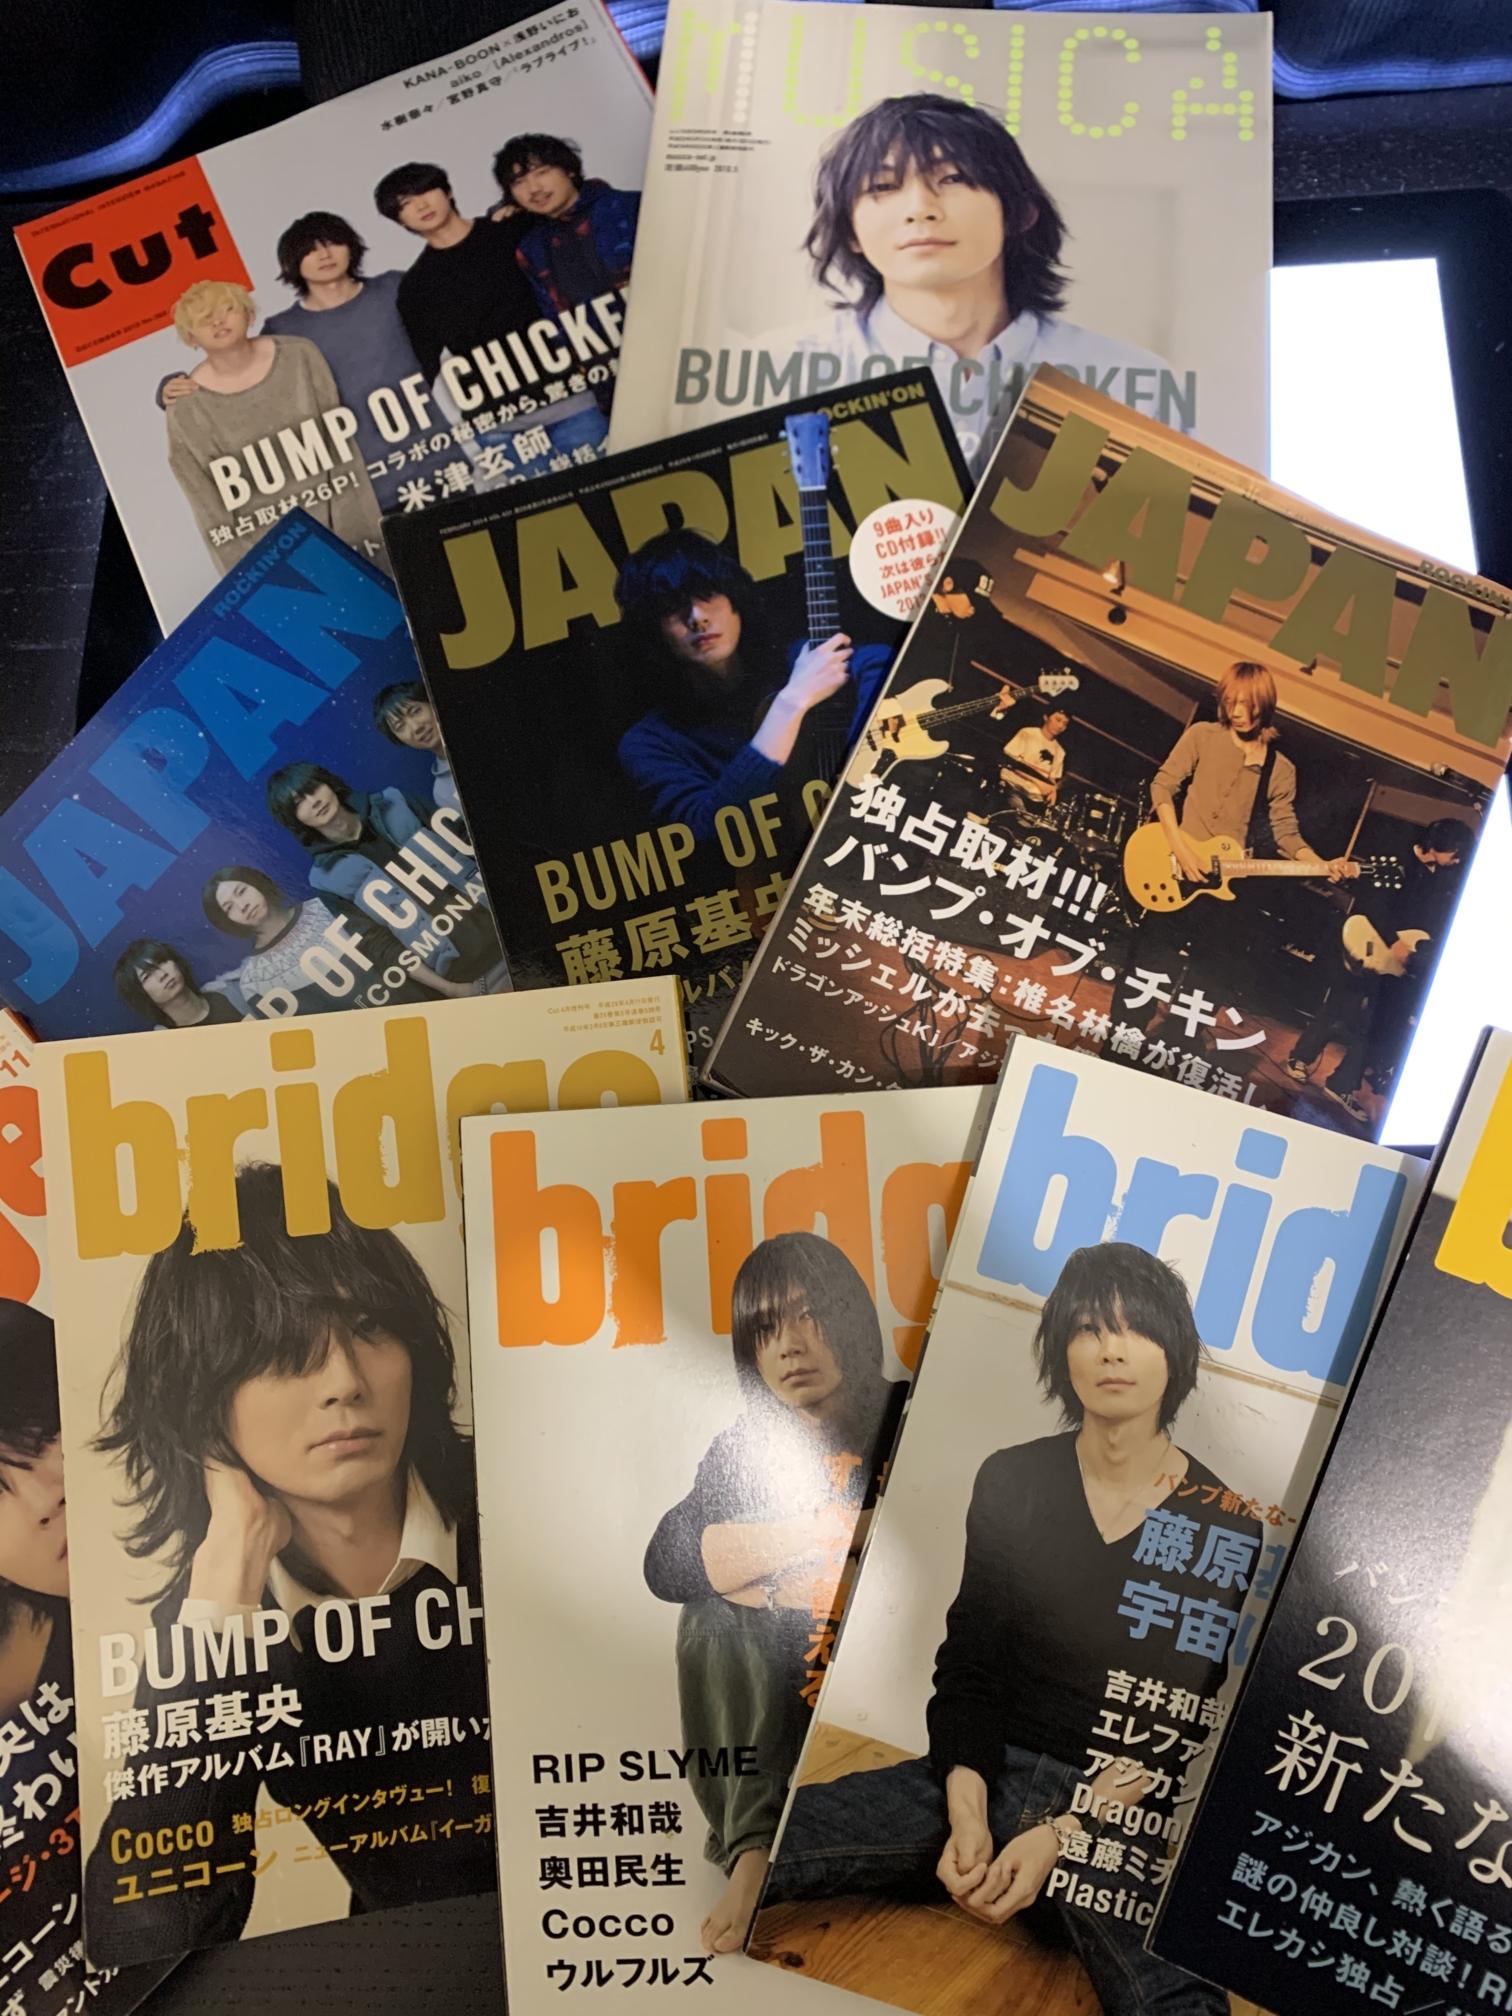 藤原基央インタビュー雑誌(ROCKIN' ON JAPAN・bridge・MUSICA・CUT)